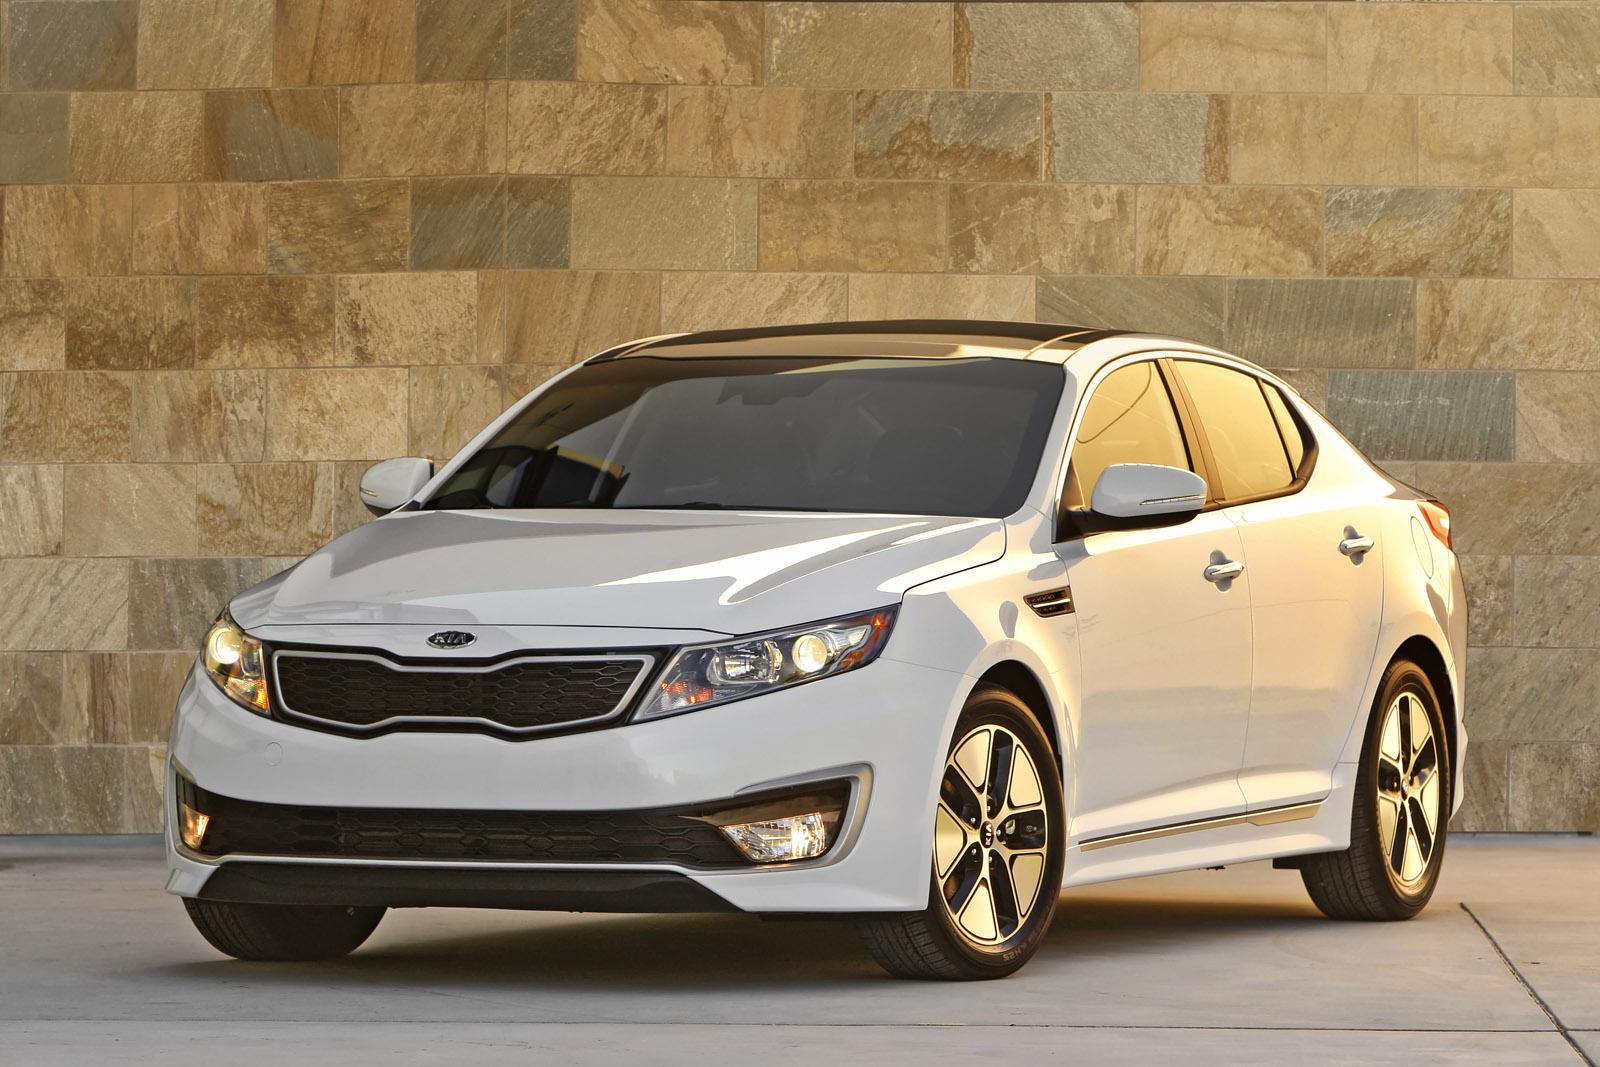 kia optima hybrid para europa Free Picture Download Image Of